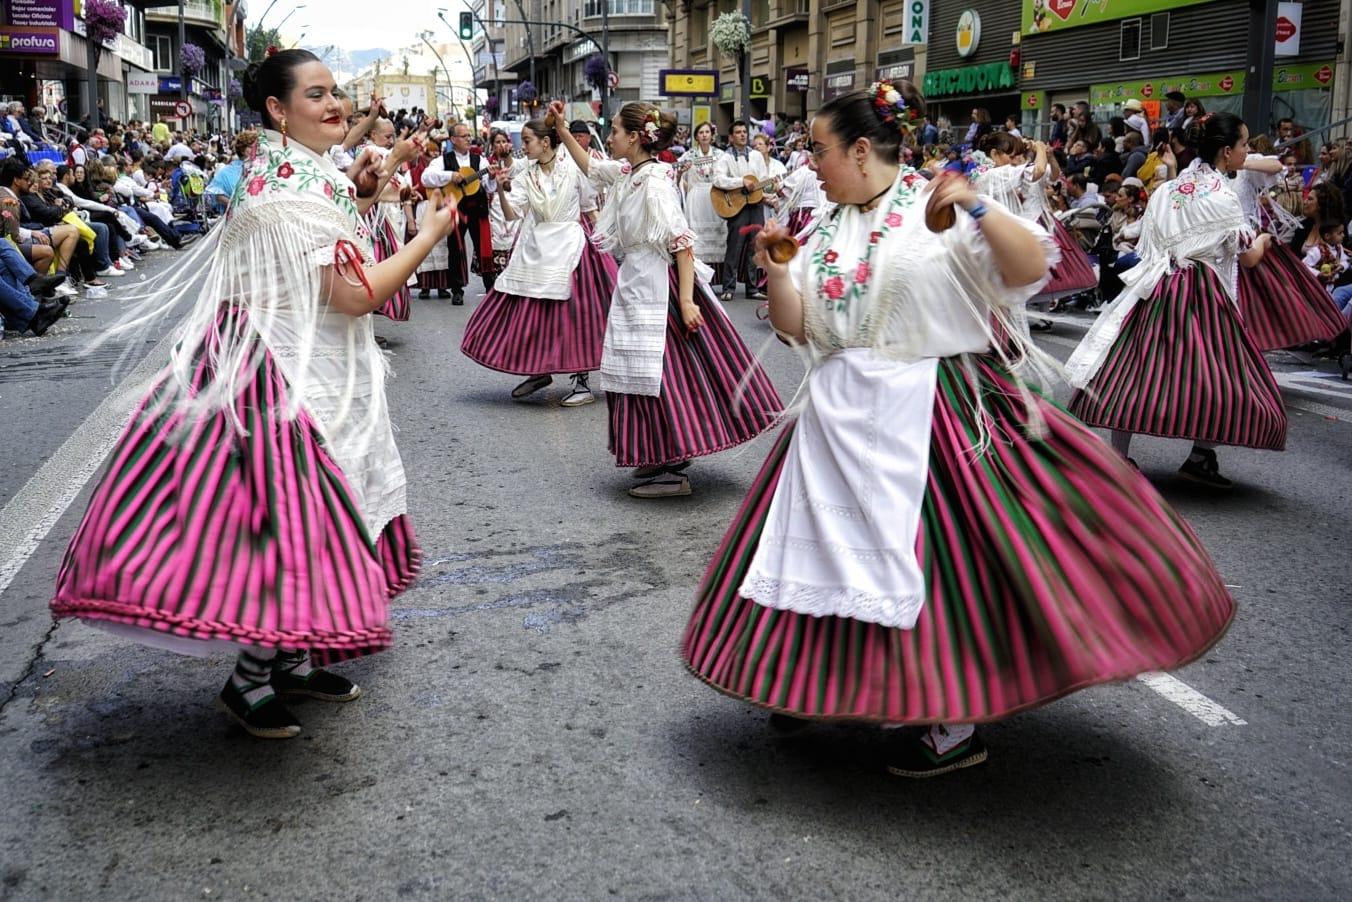 Bailes tradicionales murcianos en el desfile del Bando de la Huerta